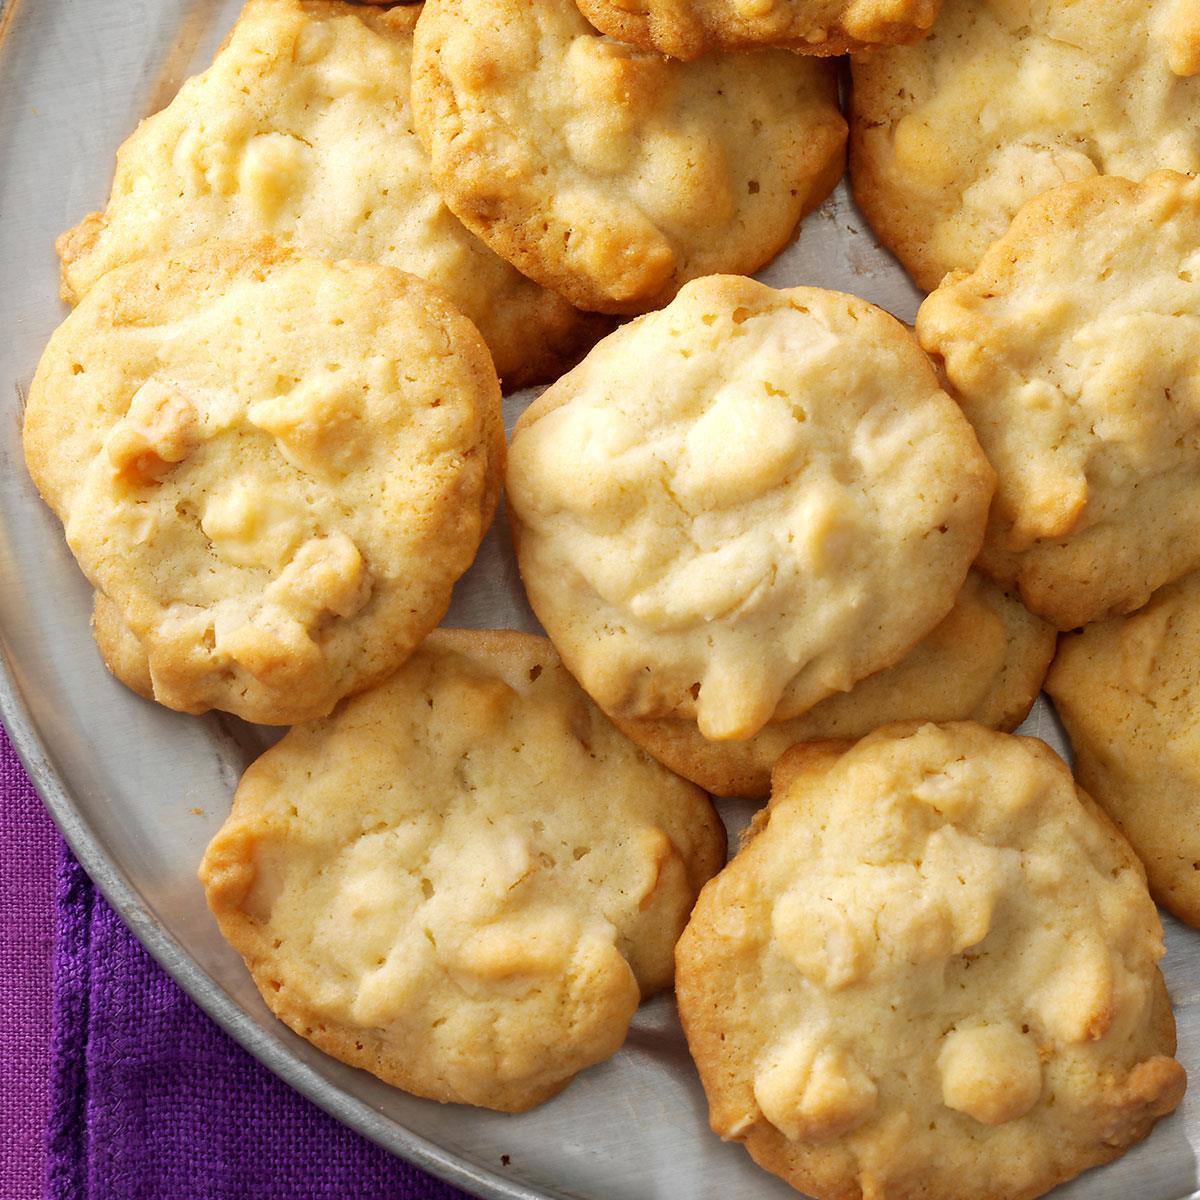 White Chocolate Macadamia Cookies Recipe How To Make It Taste Of Home